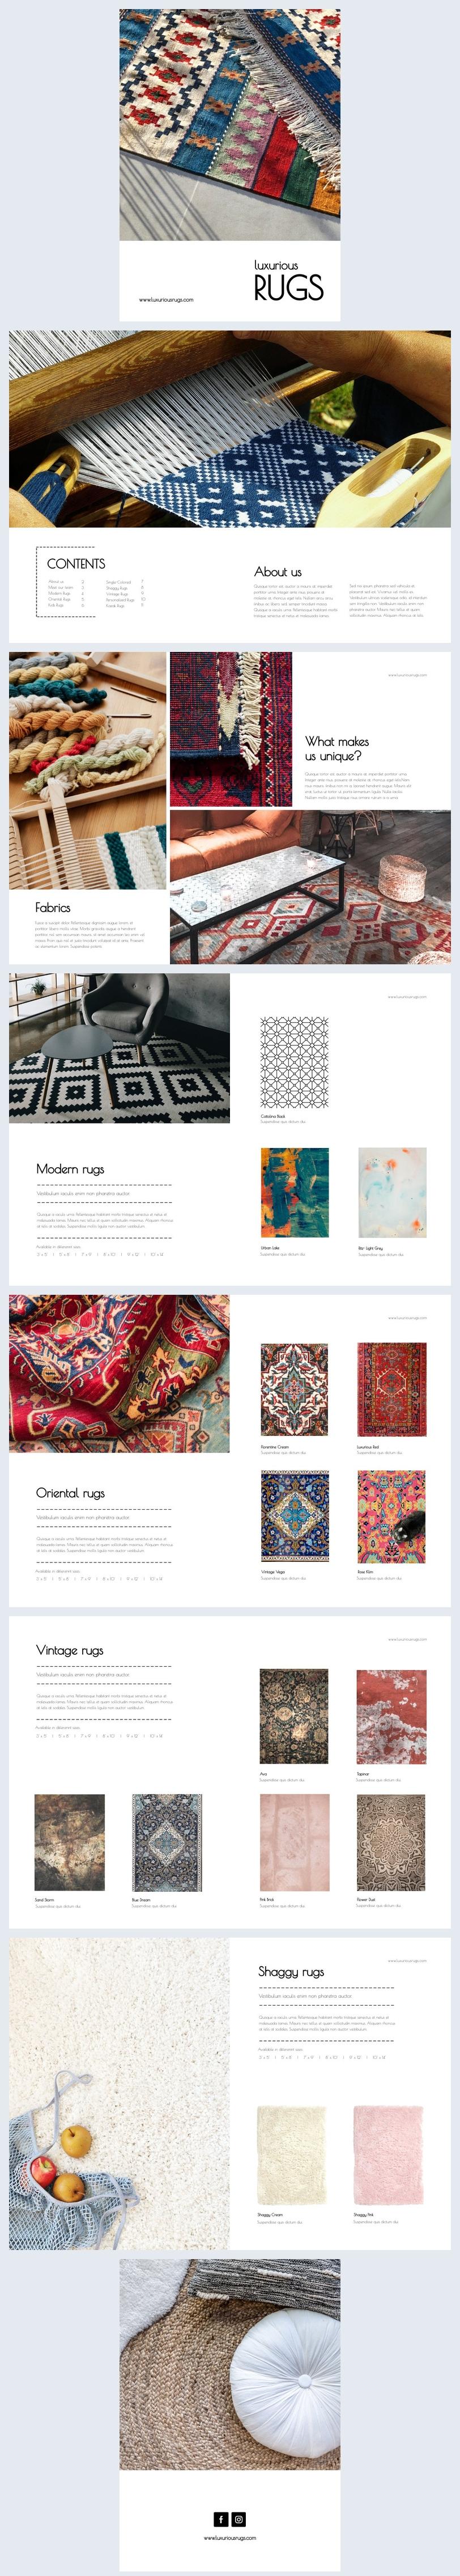 Luxe Product Catalogus Ontwerp Voorbeeld